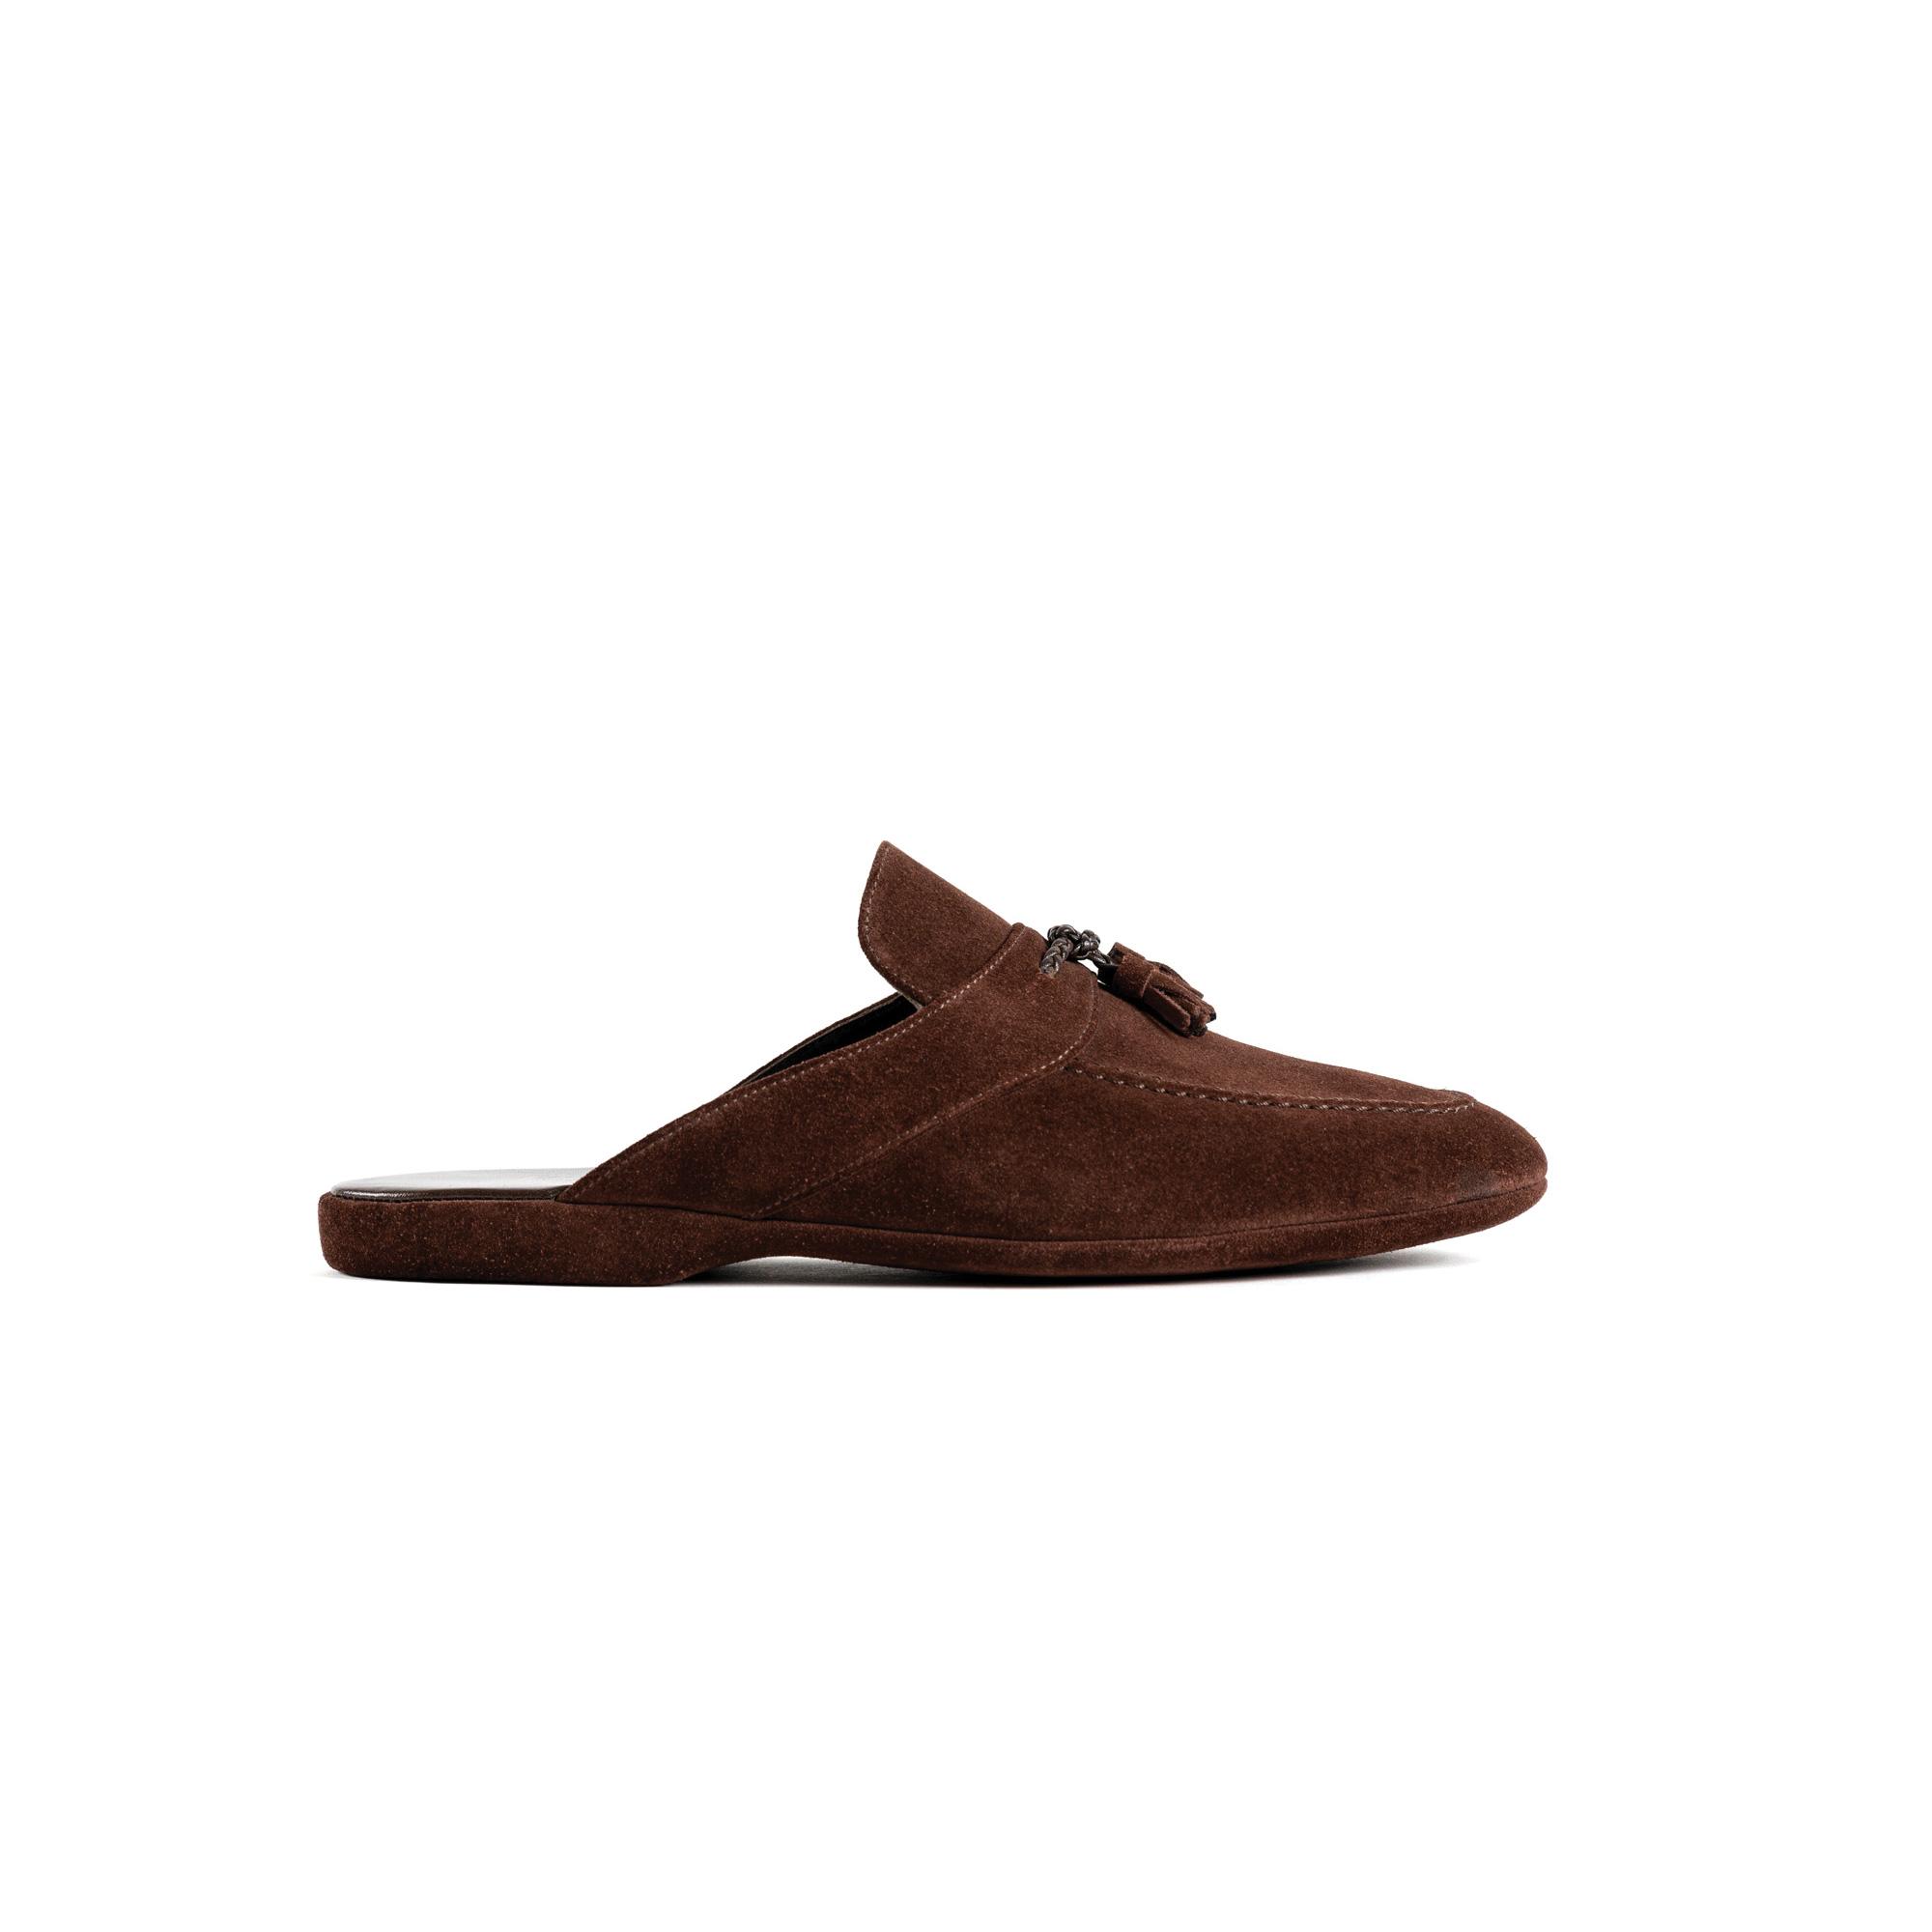 Pantofola interno classico in velour niger - Farfalla italian slippers